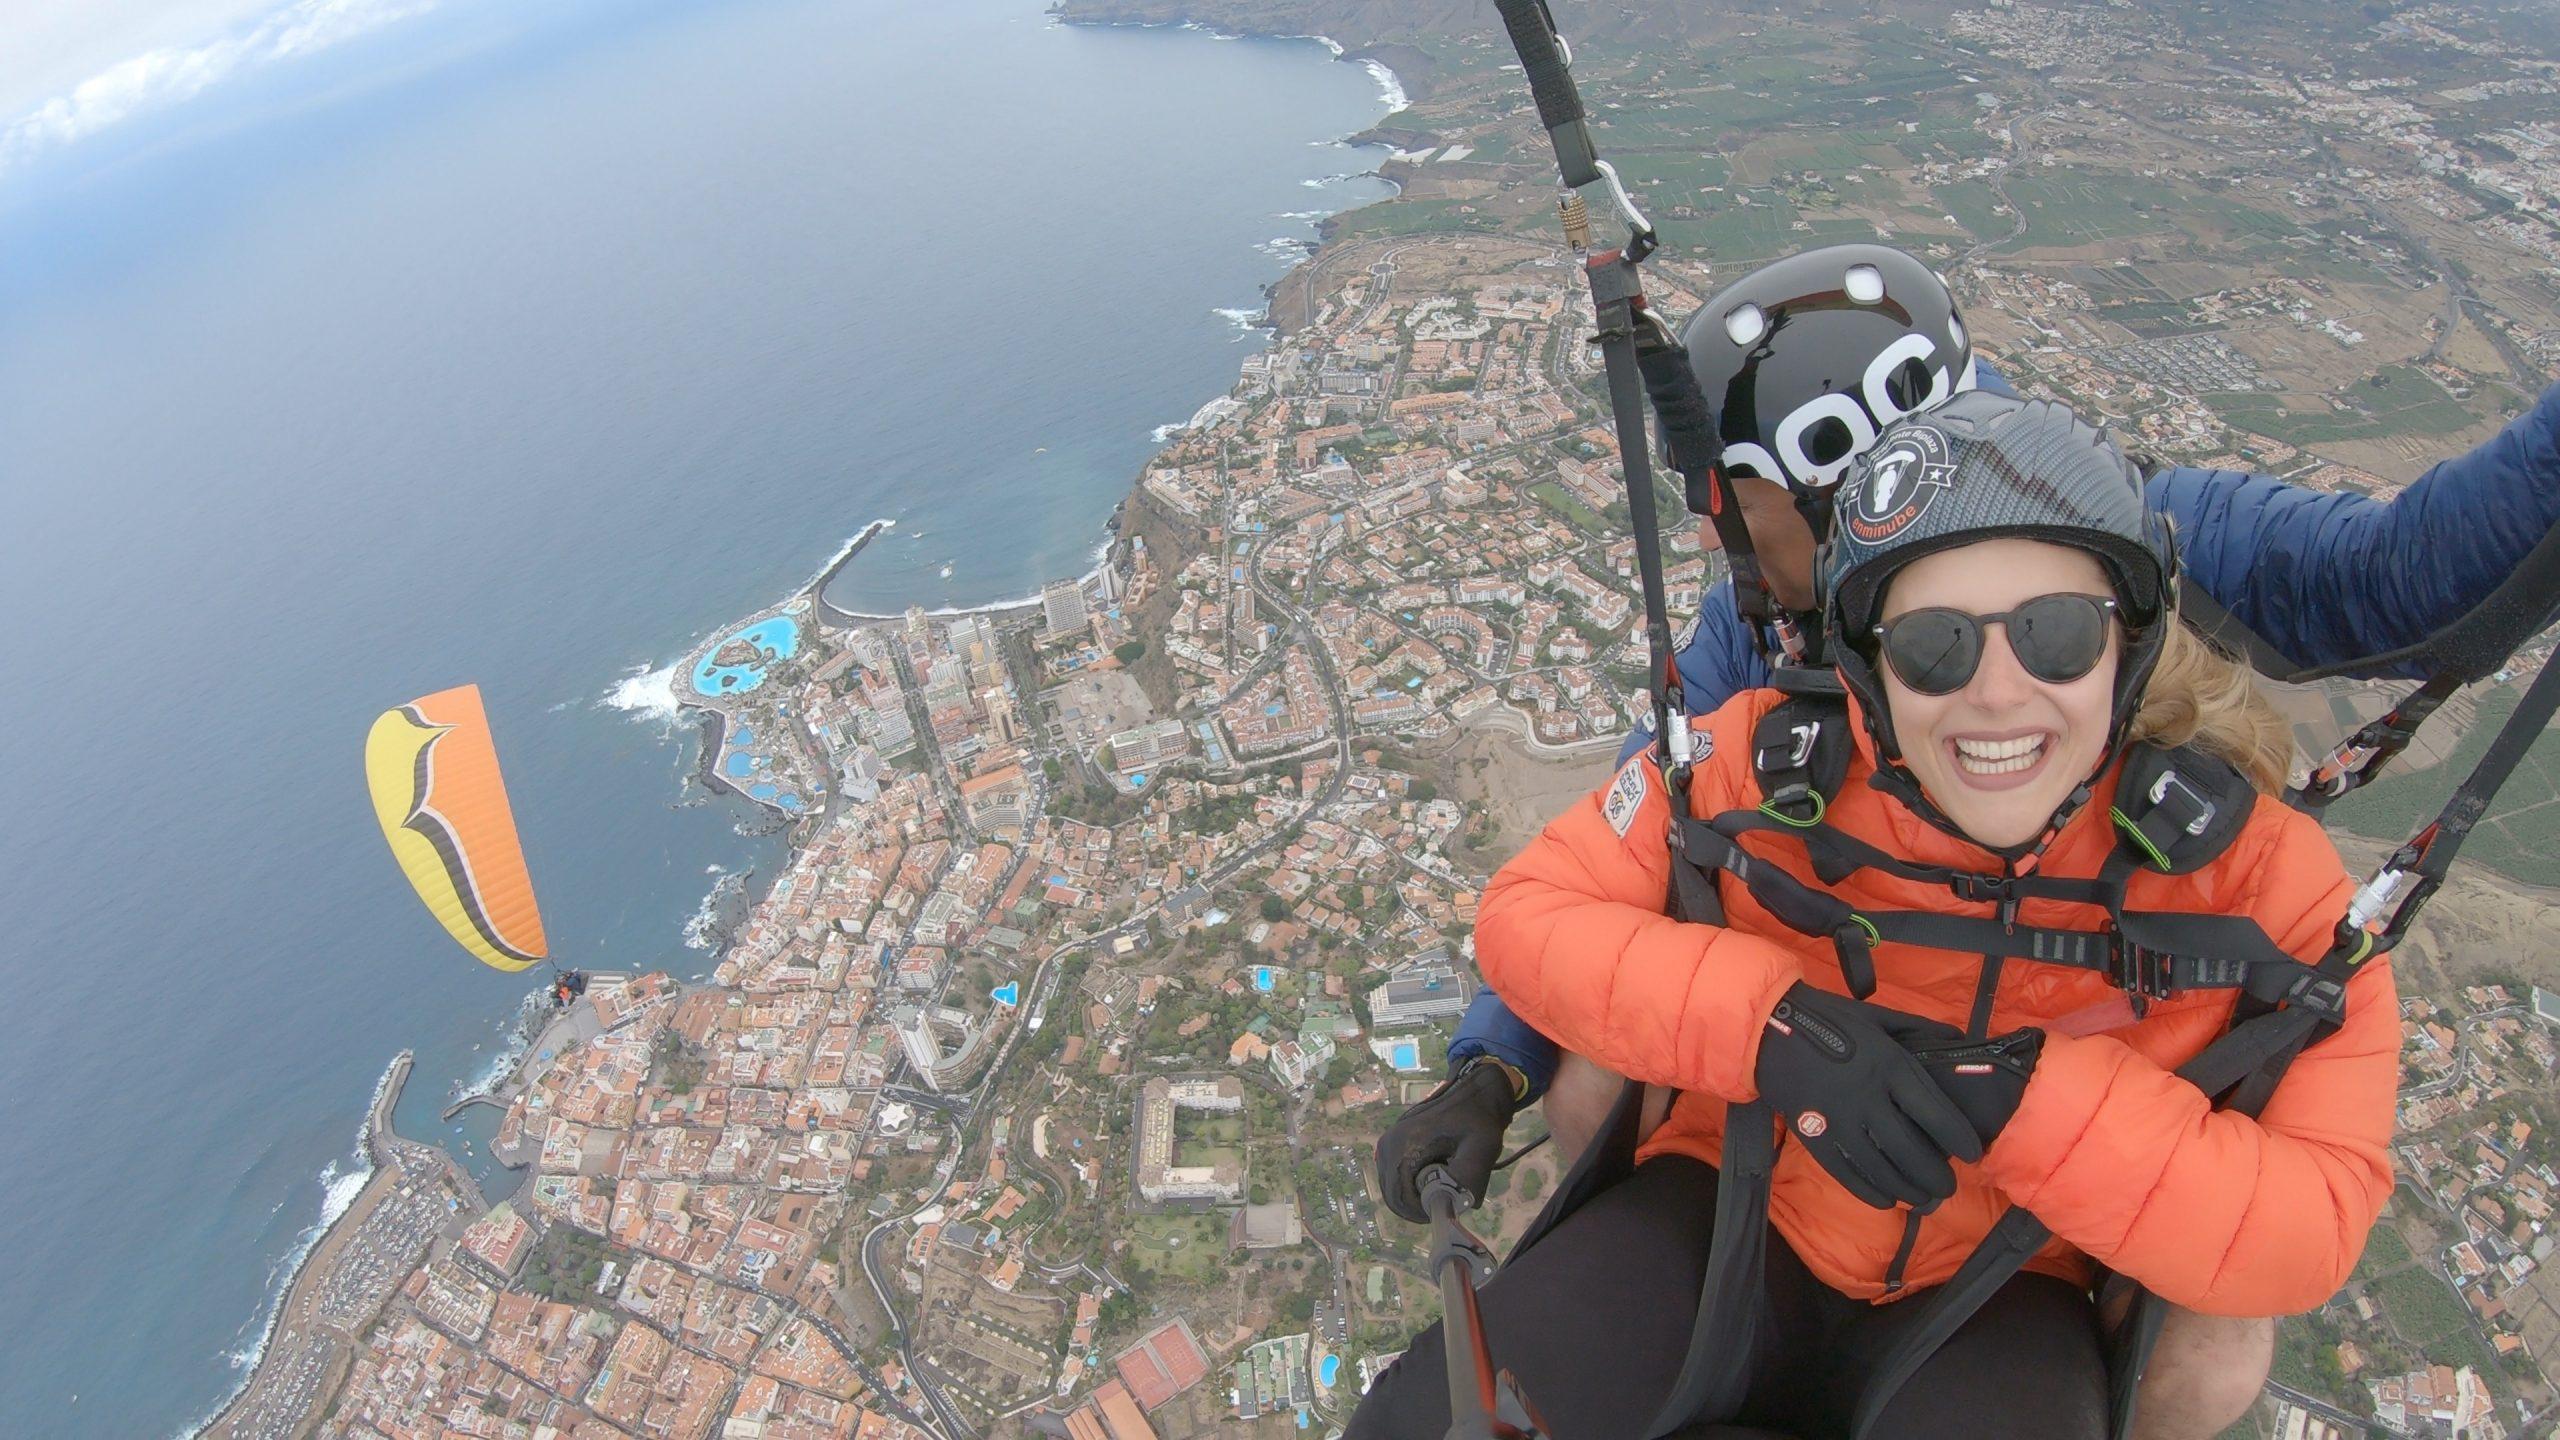 Tenerife er også til aktiv ferie, lyder det i ny kampagne fra øens turistråd. Her er lidt af den spanske ferieø set lidt fra oven fra en paraglider. PR-foto: Turismo de Tenerife.